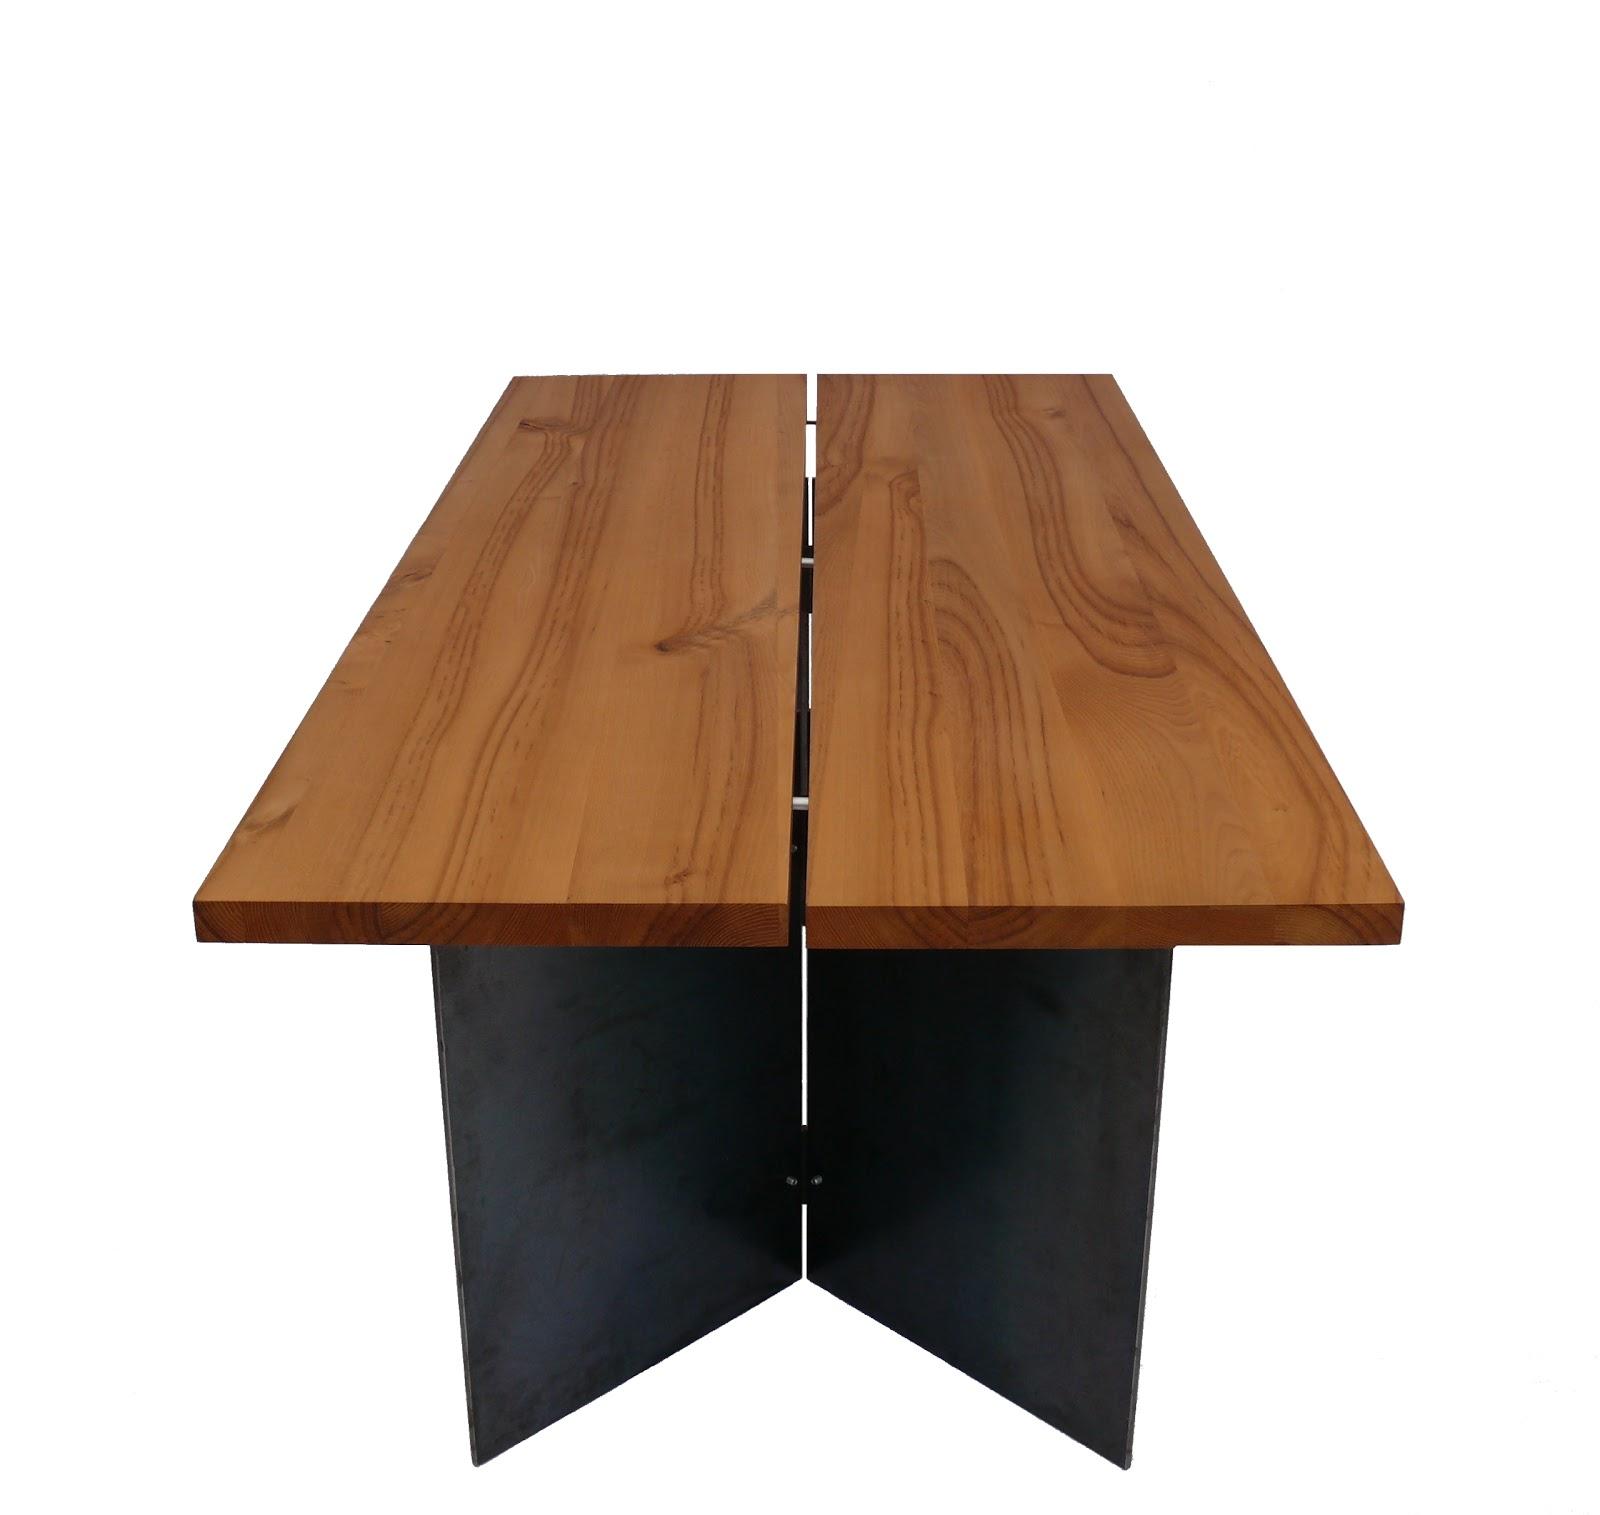 furniture design muench 106 tisch 208. Black Bedroom Furniture Sets. Home Design Ideas